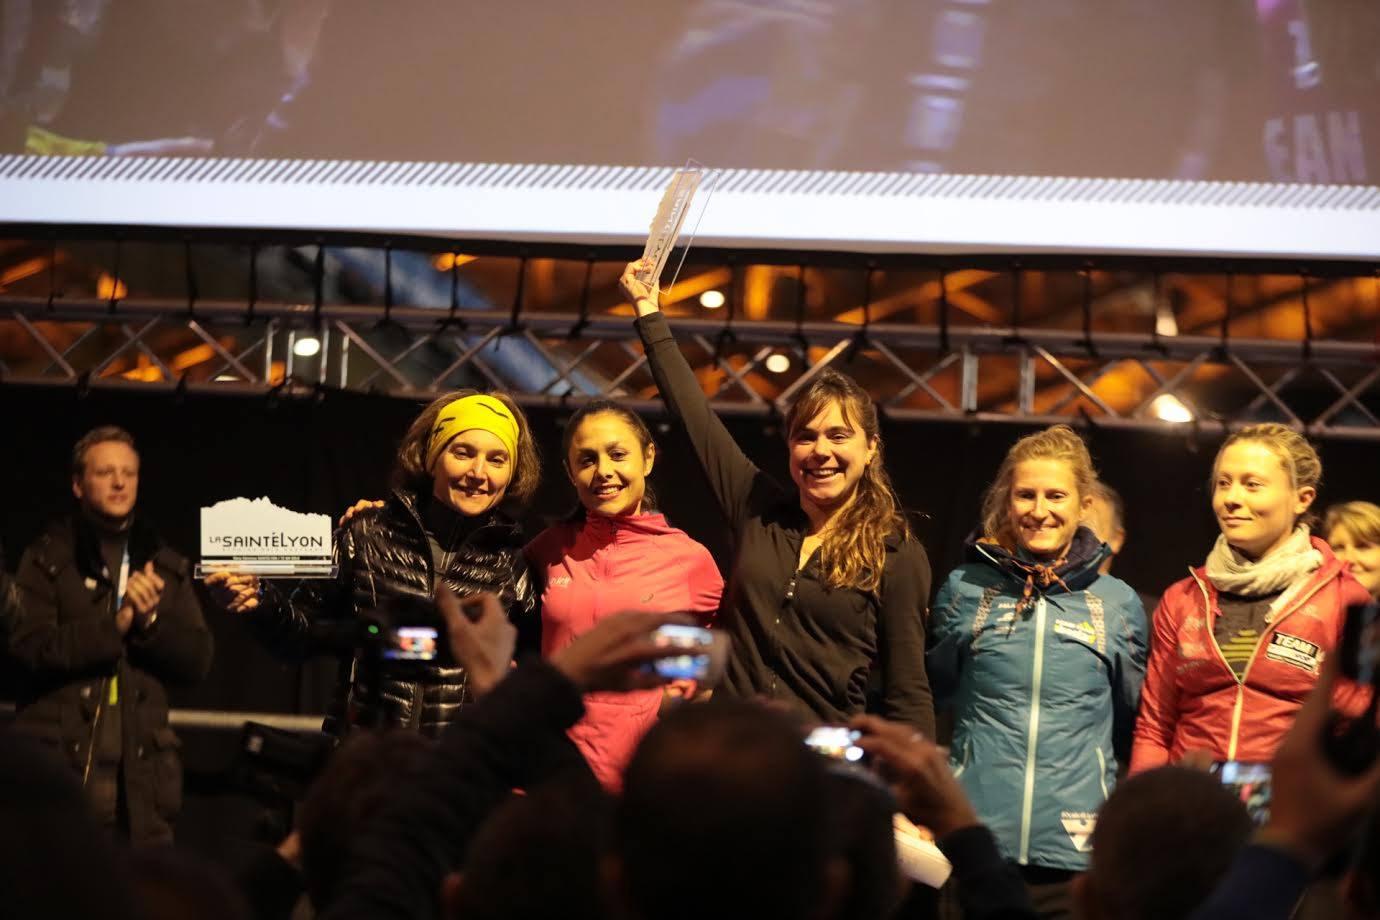 De gauche à droite : Mélanie Rousset, Sylvaine Cussot, Juliette Bénédicto, Lucie Jasmin et Céline Carrez. Saintélyon 2016